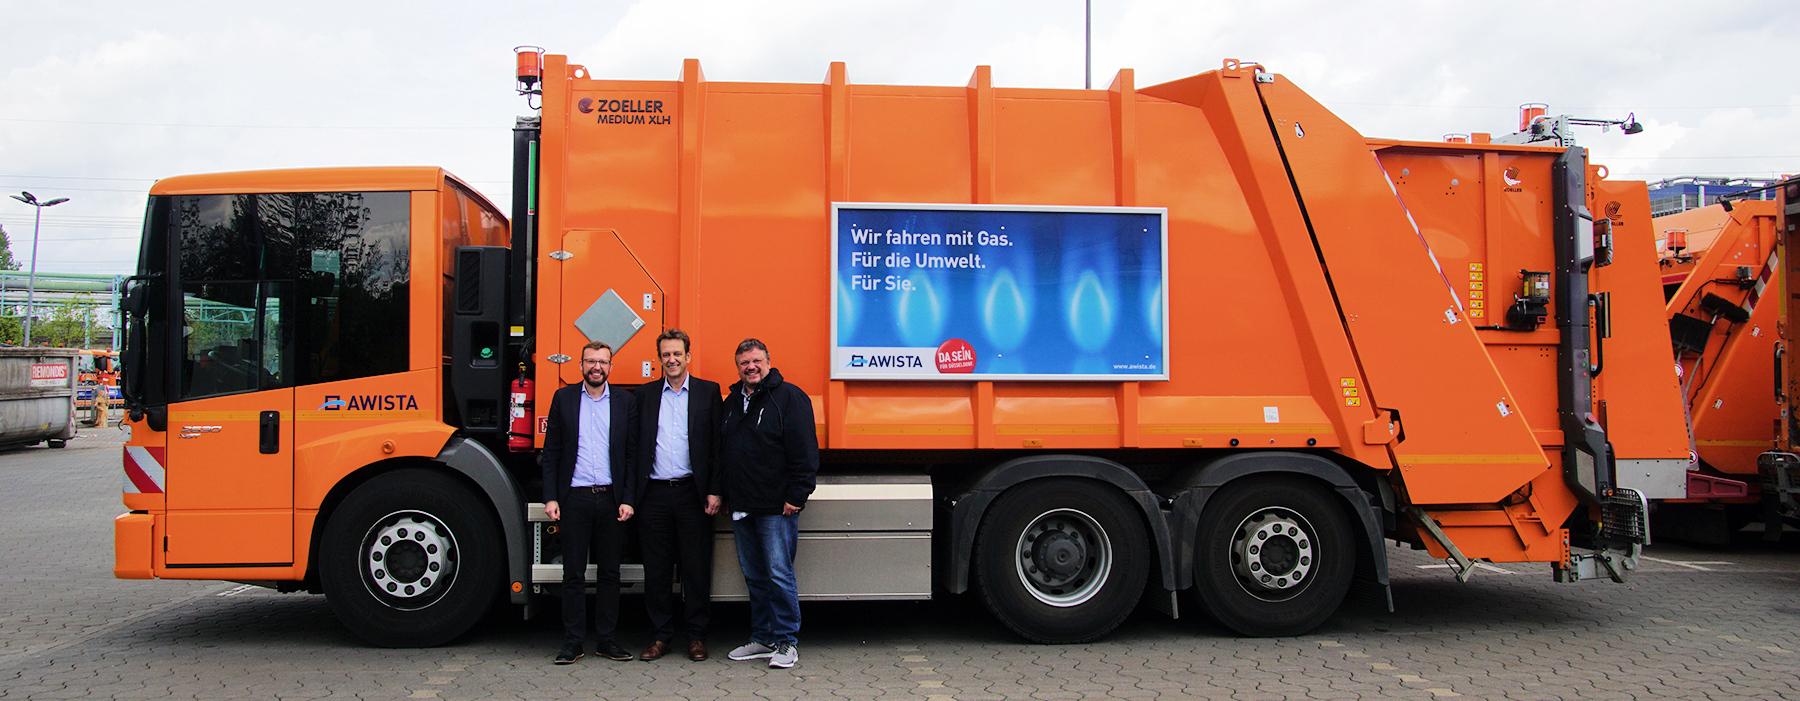 """MdB Rimkus und Ratsherr Tacer zu Besuch bei der AWISTA: """"Der Einsatz von Biogas-Fahrzeugen unterstreicht die ökologische Verantwortung des Unternehmens!"""""""